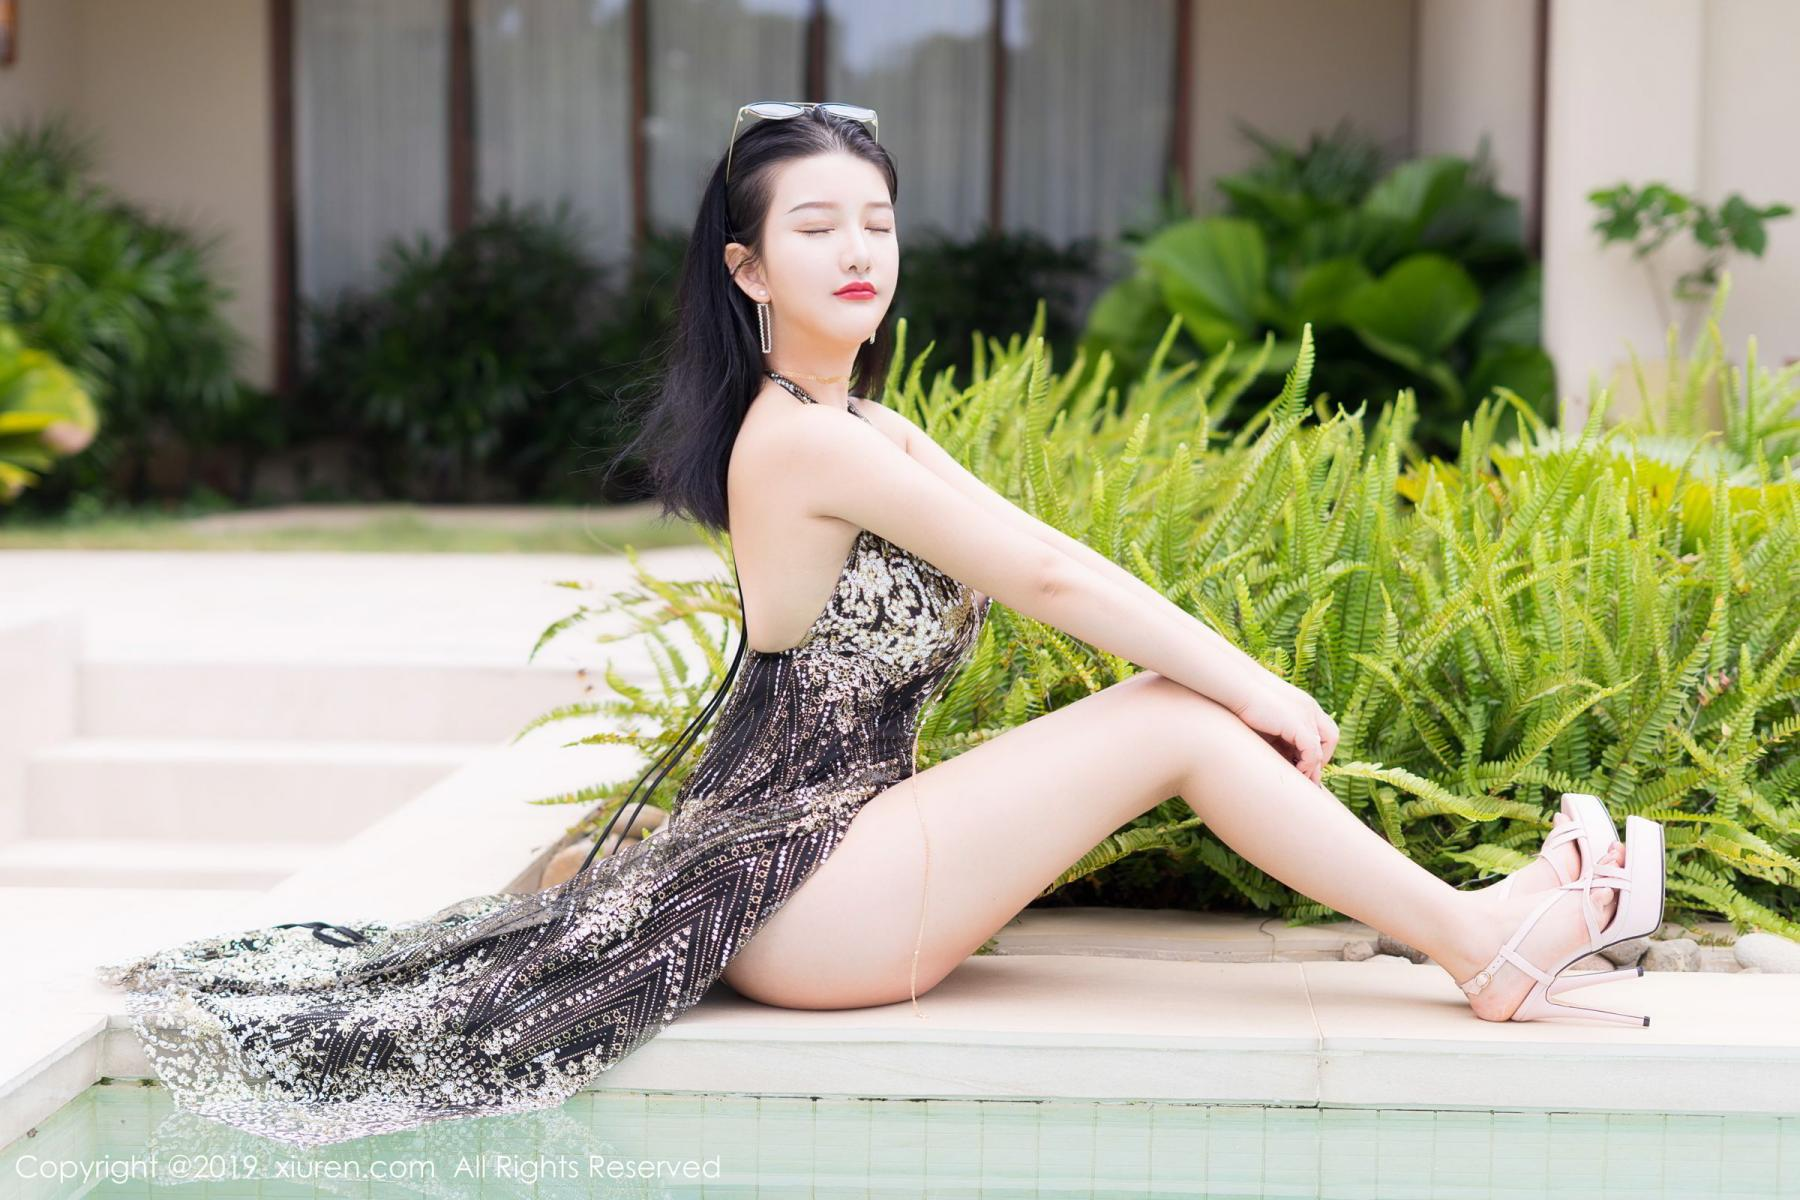 [XiuRen] Vol.1726 Lu Lu Xiao Miao 14P, Lu Lu Xiao Miao, Outdoor, Swim Pool, Xiuren